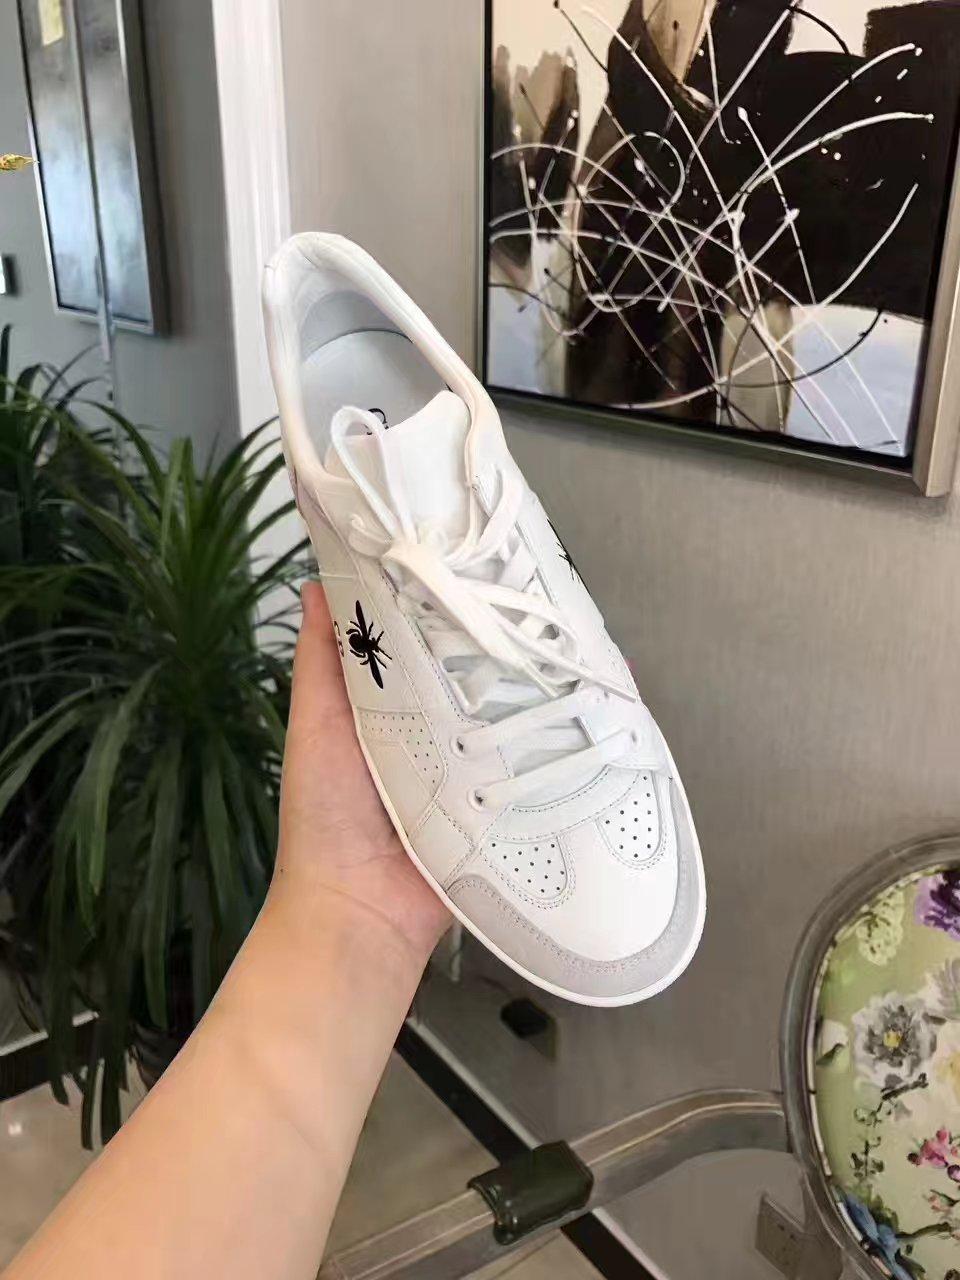 Dior 小白鞋 舒适百搭款女士休闲鞋